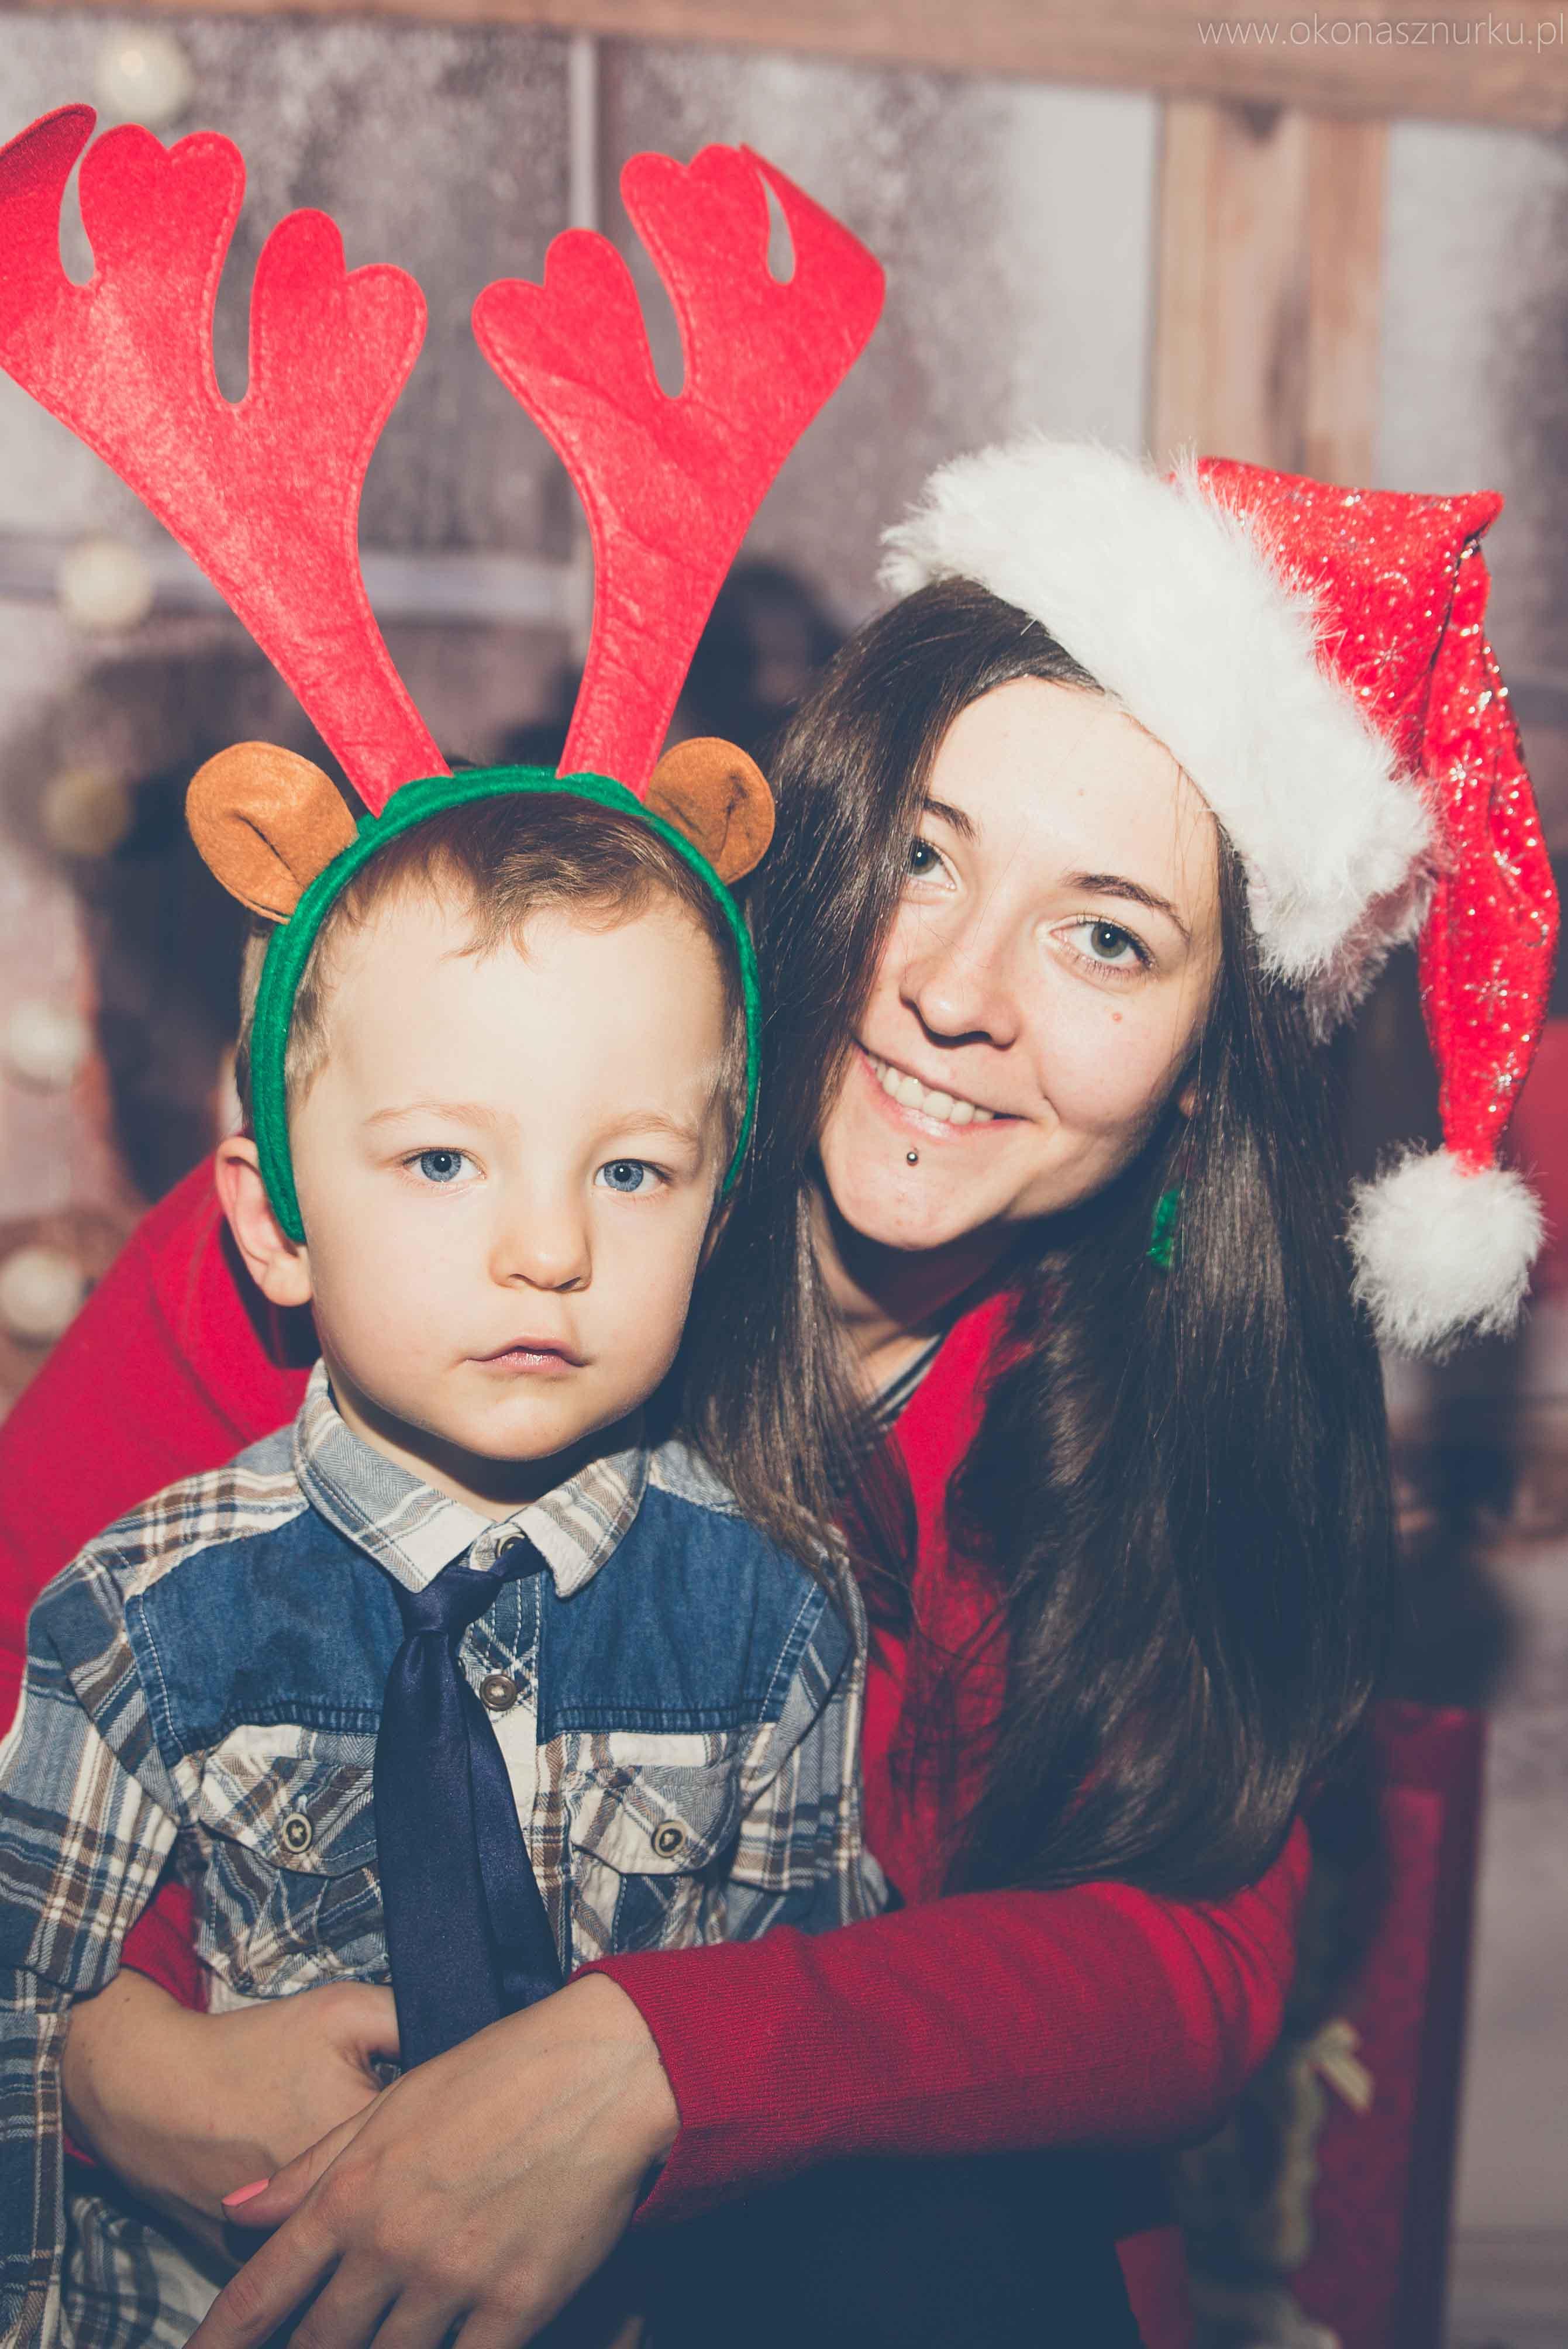 sesja świąteczna fotograficzna dziecka rodziny (7)